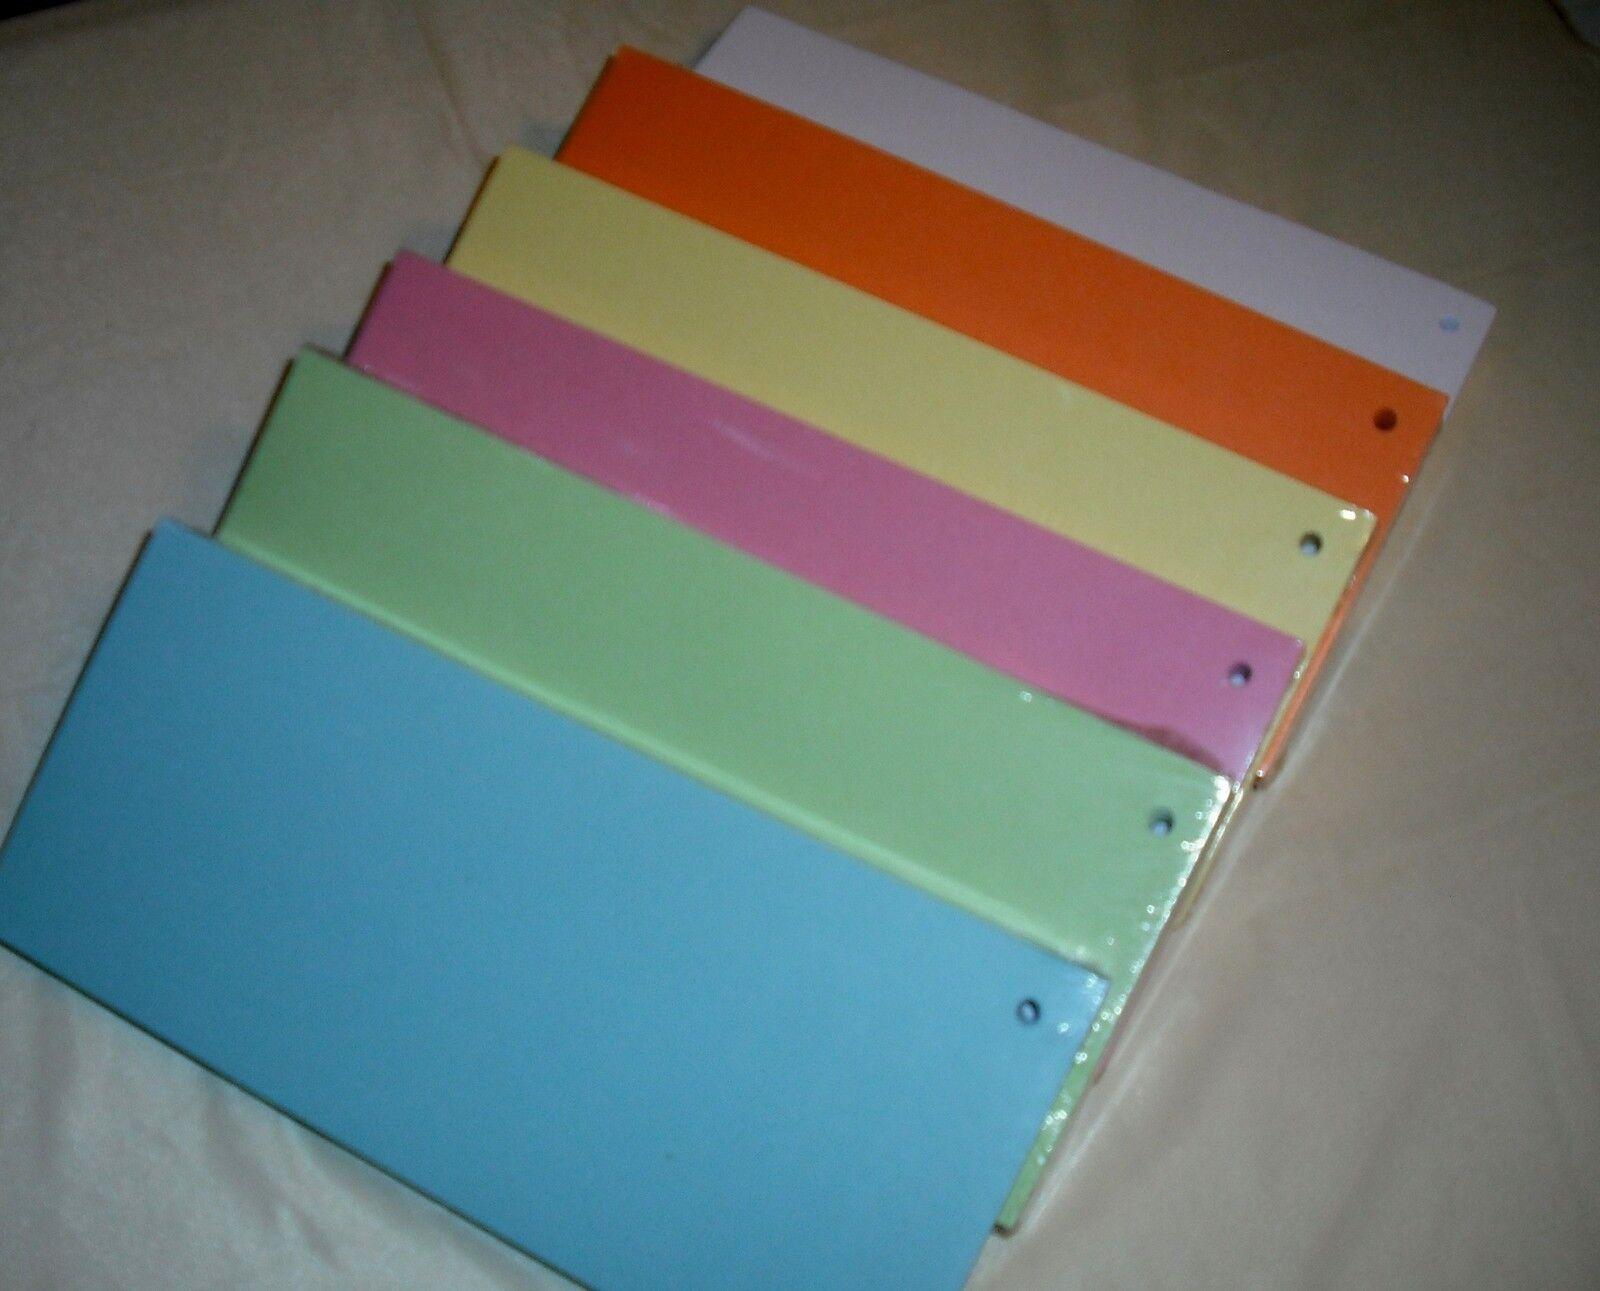 Trennstreifen 100 Stück verschiedene Farben 190g/ m²